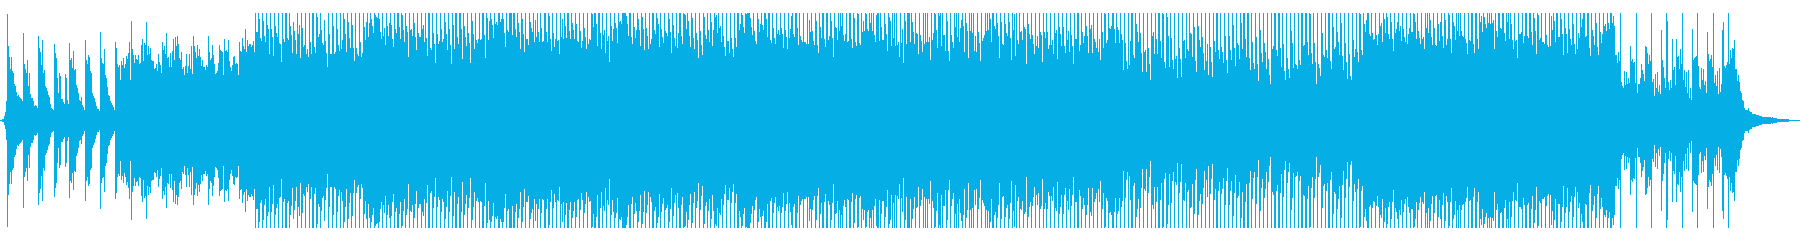 ピアノとストリングスの温かポップの再生済みの波形